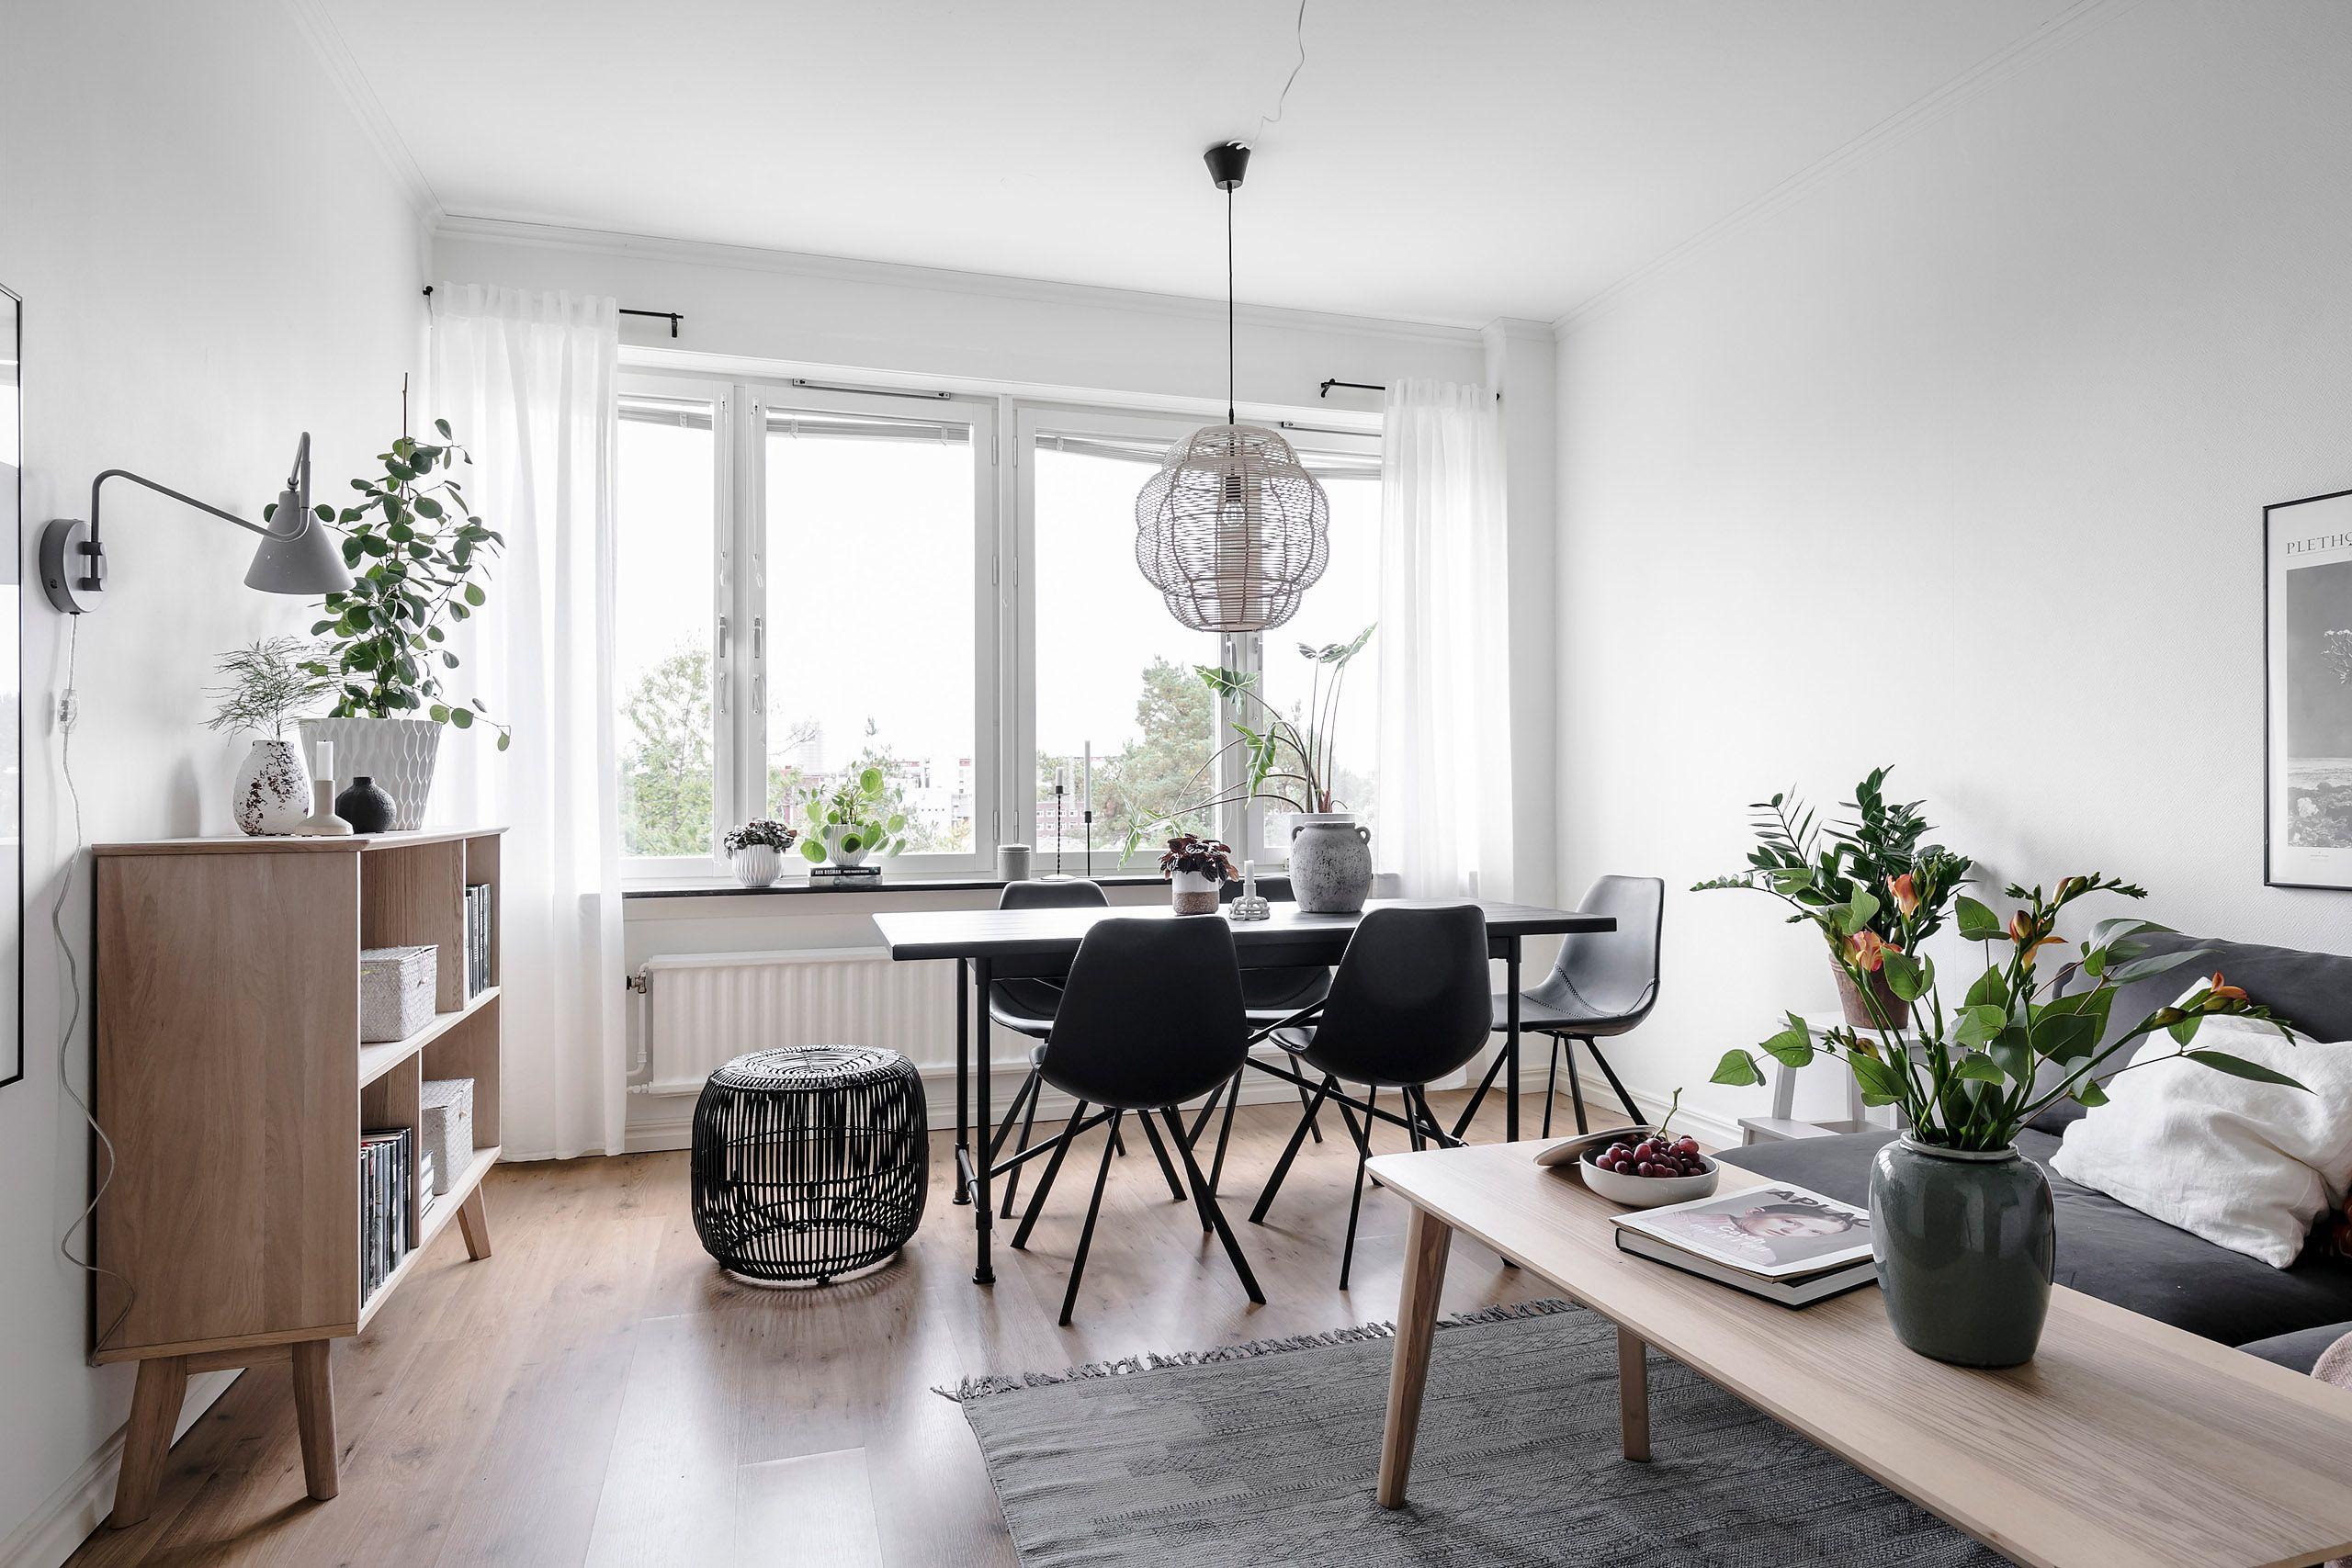 Lundin Fastighetsbyrå - Kolonigatan 9B, Landala Egna Hem, Göteborg.